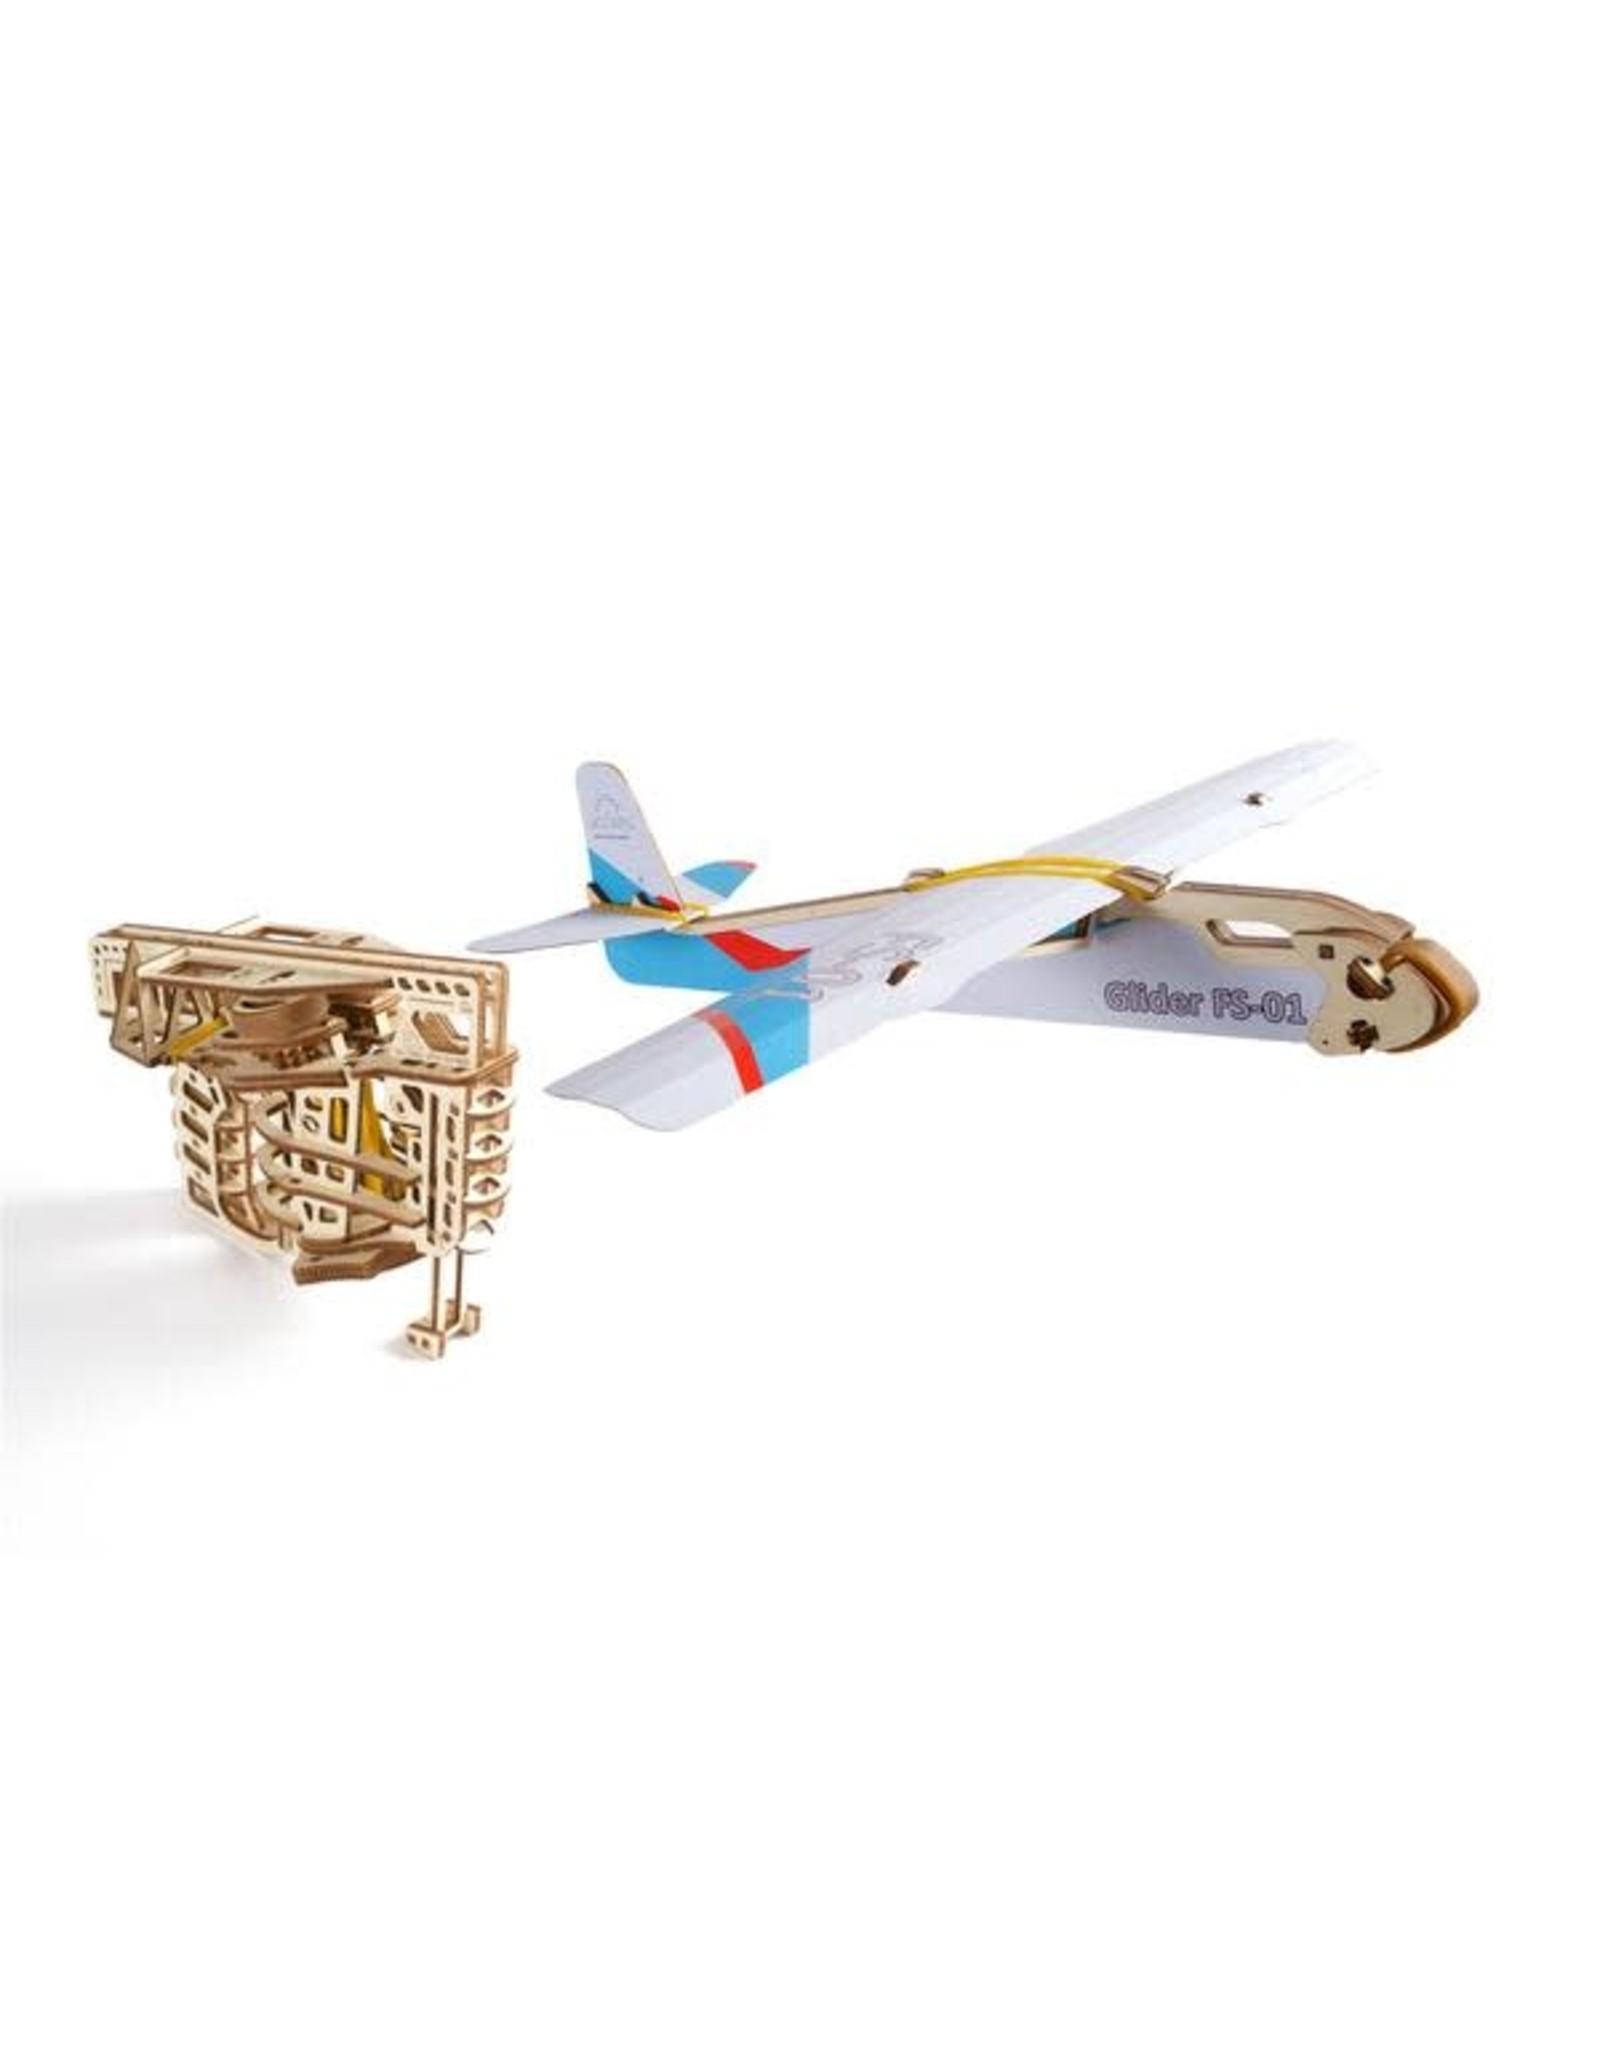 UGears Flight Starter Wood Model